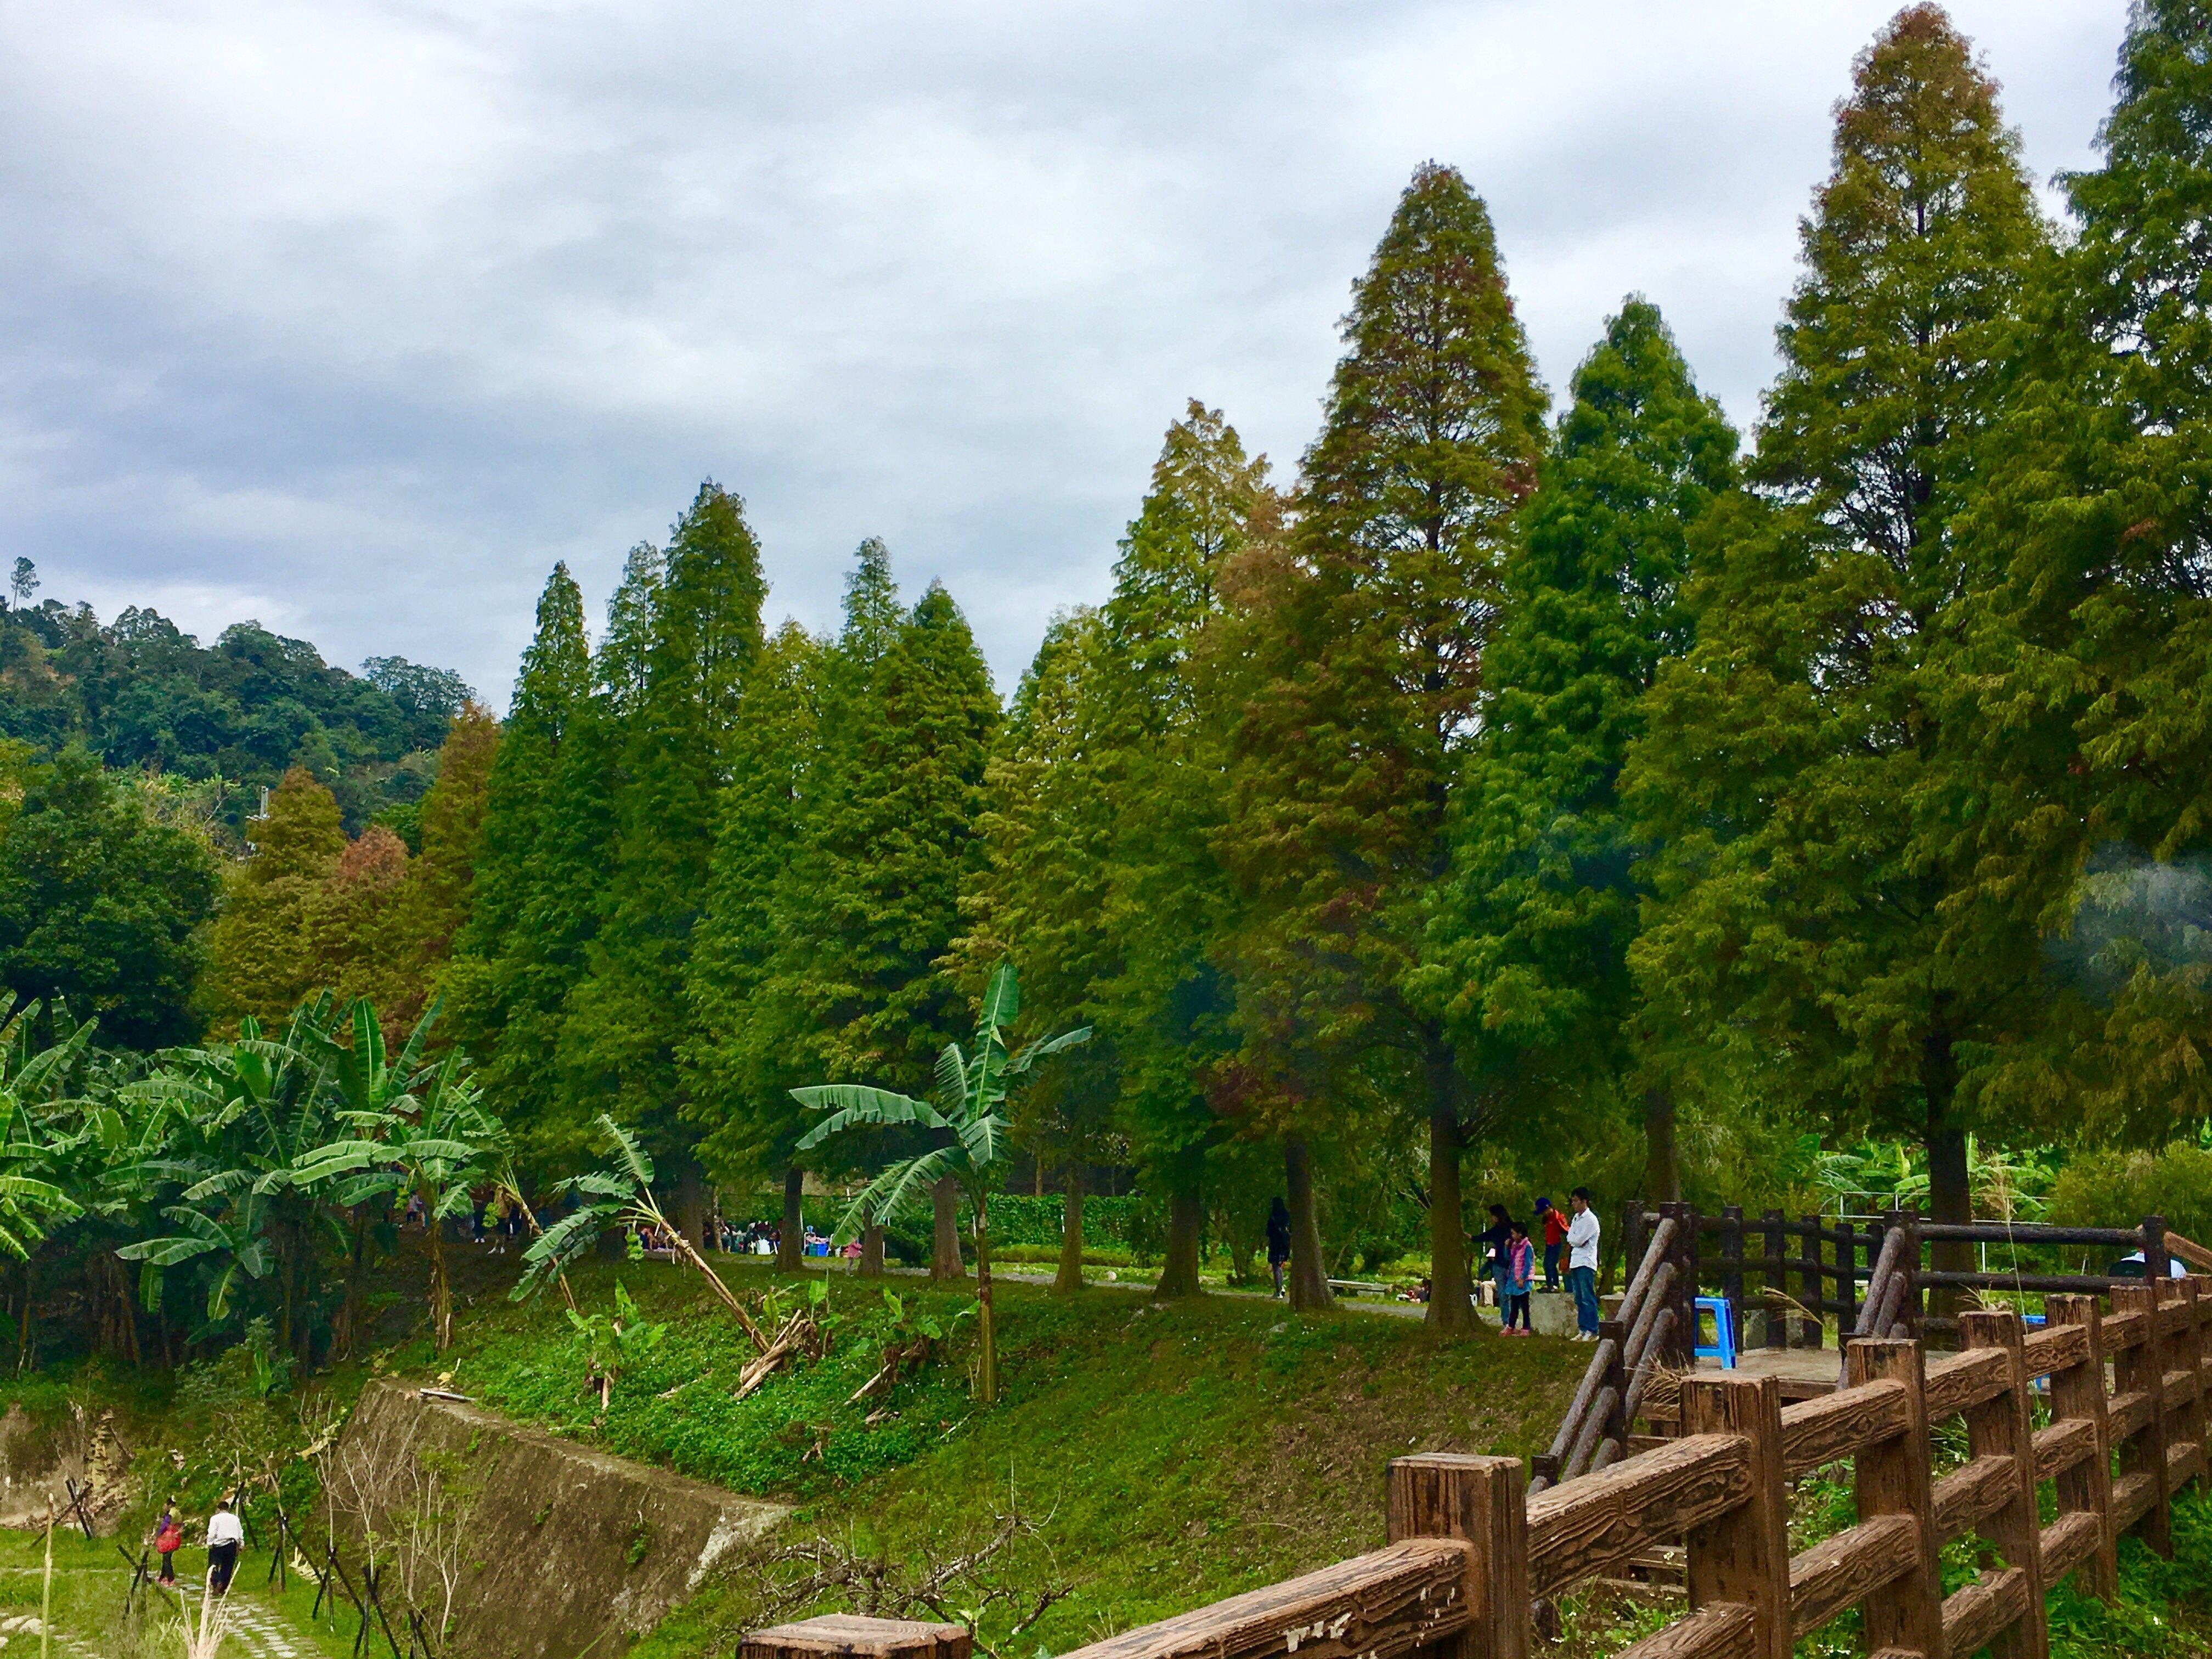 beipu liutang bald cypress trees hsinchu Taiwan